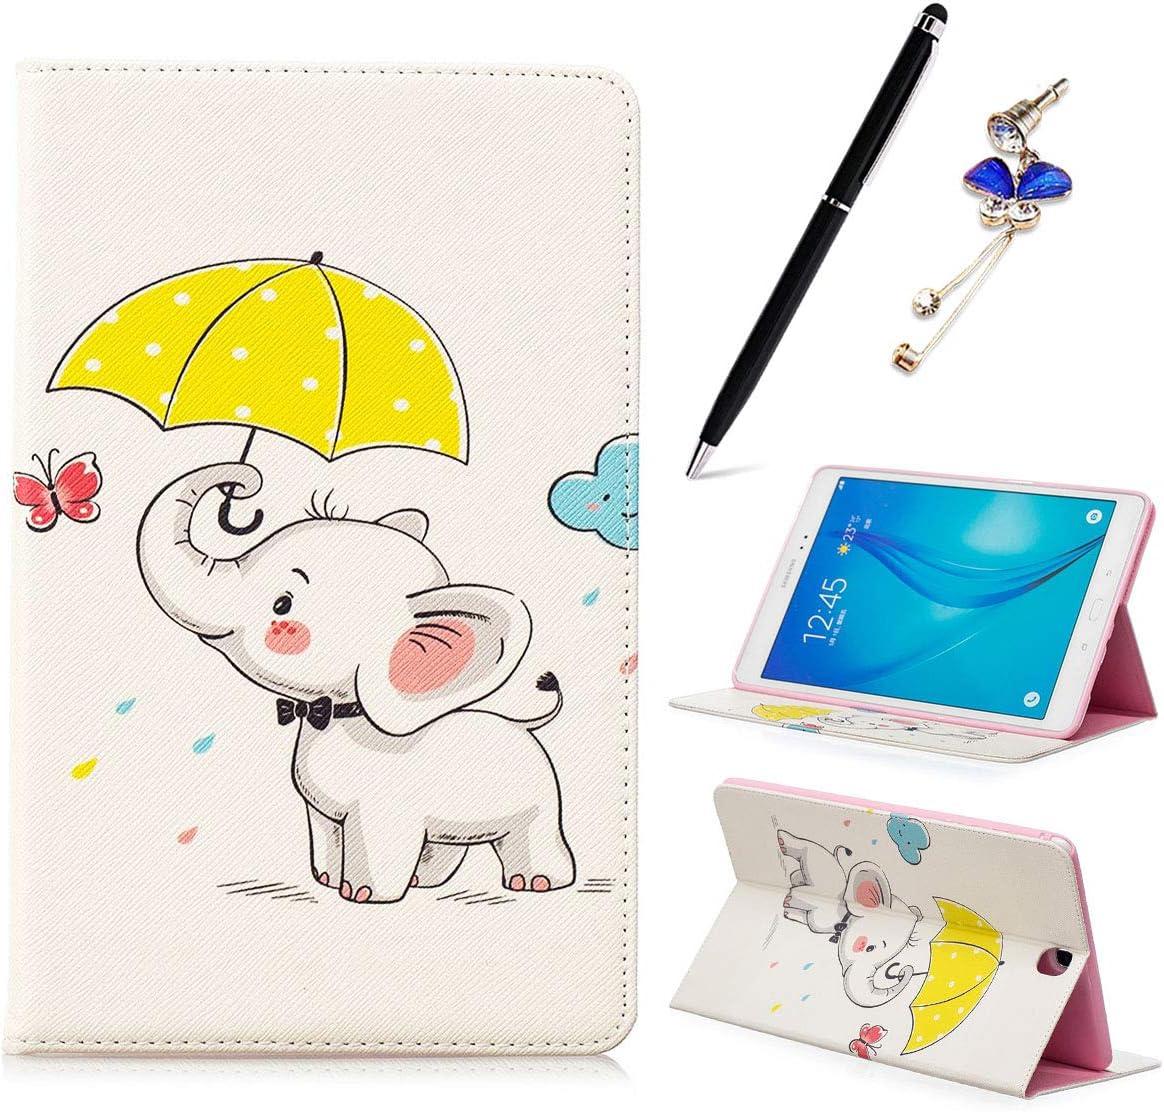 Umbrella Iconne - Funda para Samsung Galaxy Tab A SM-T550 T551 T555 de 9,7 pulgadas (piel sintética, cierre magnético)